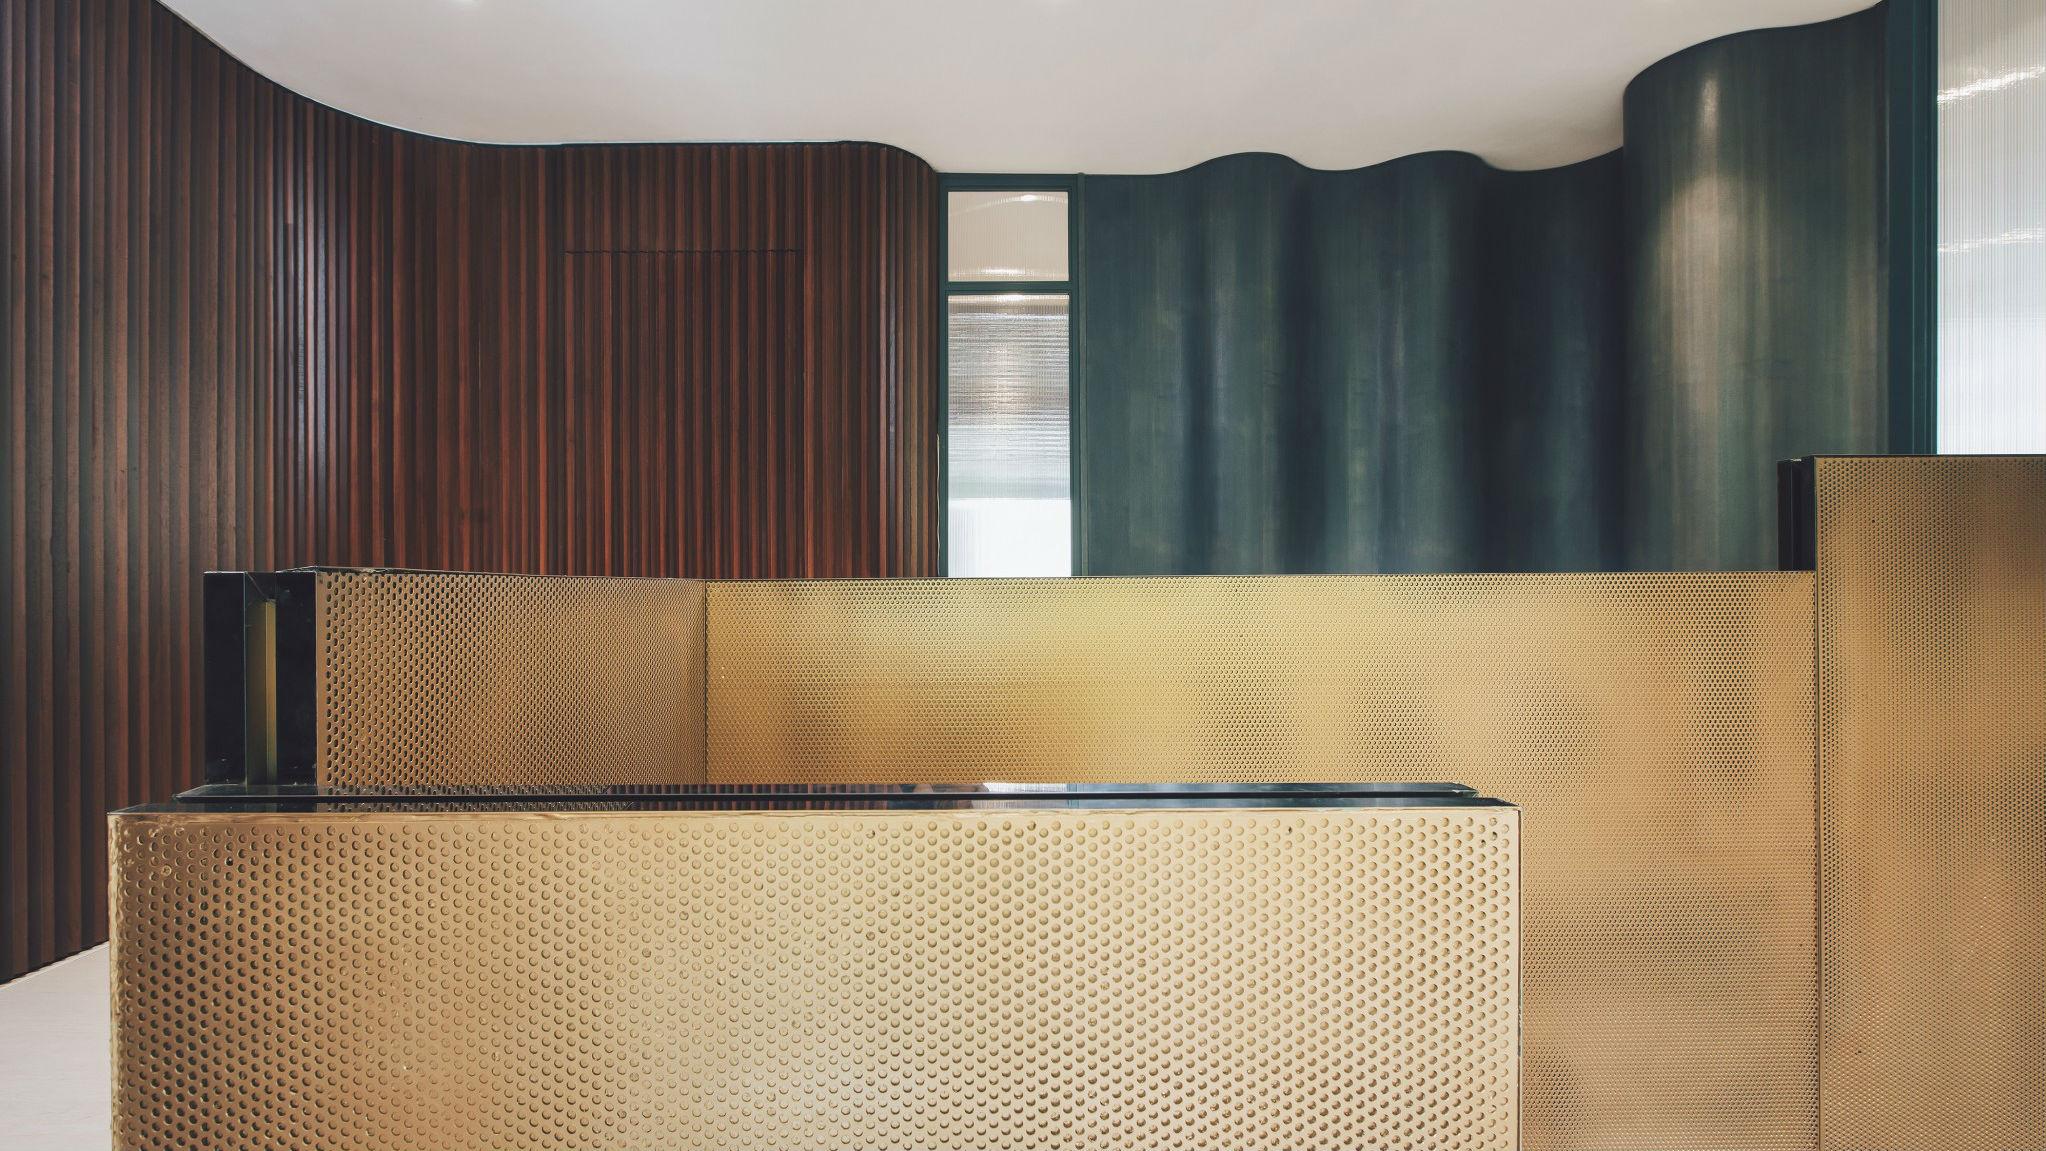 Dezeen Awards 2019 Interiors Shortlist Announced